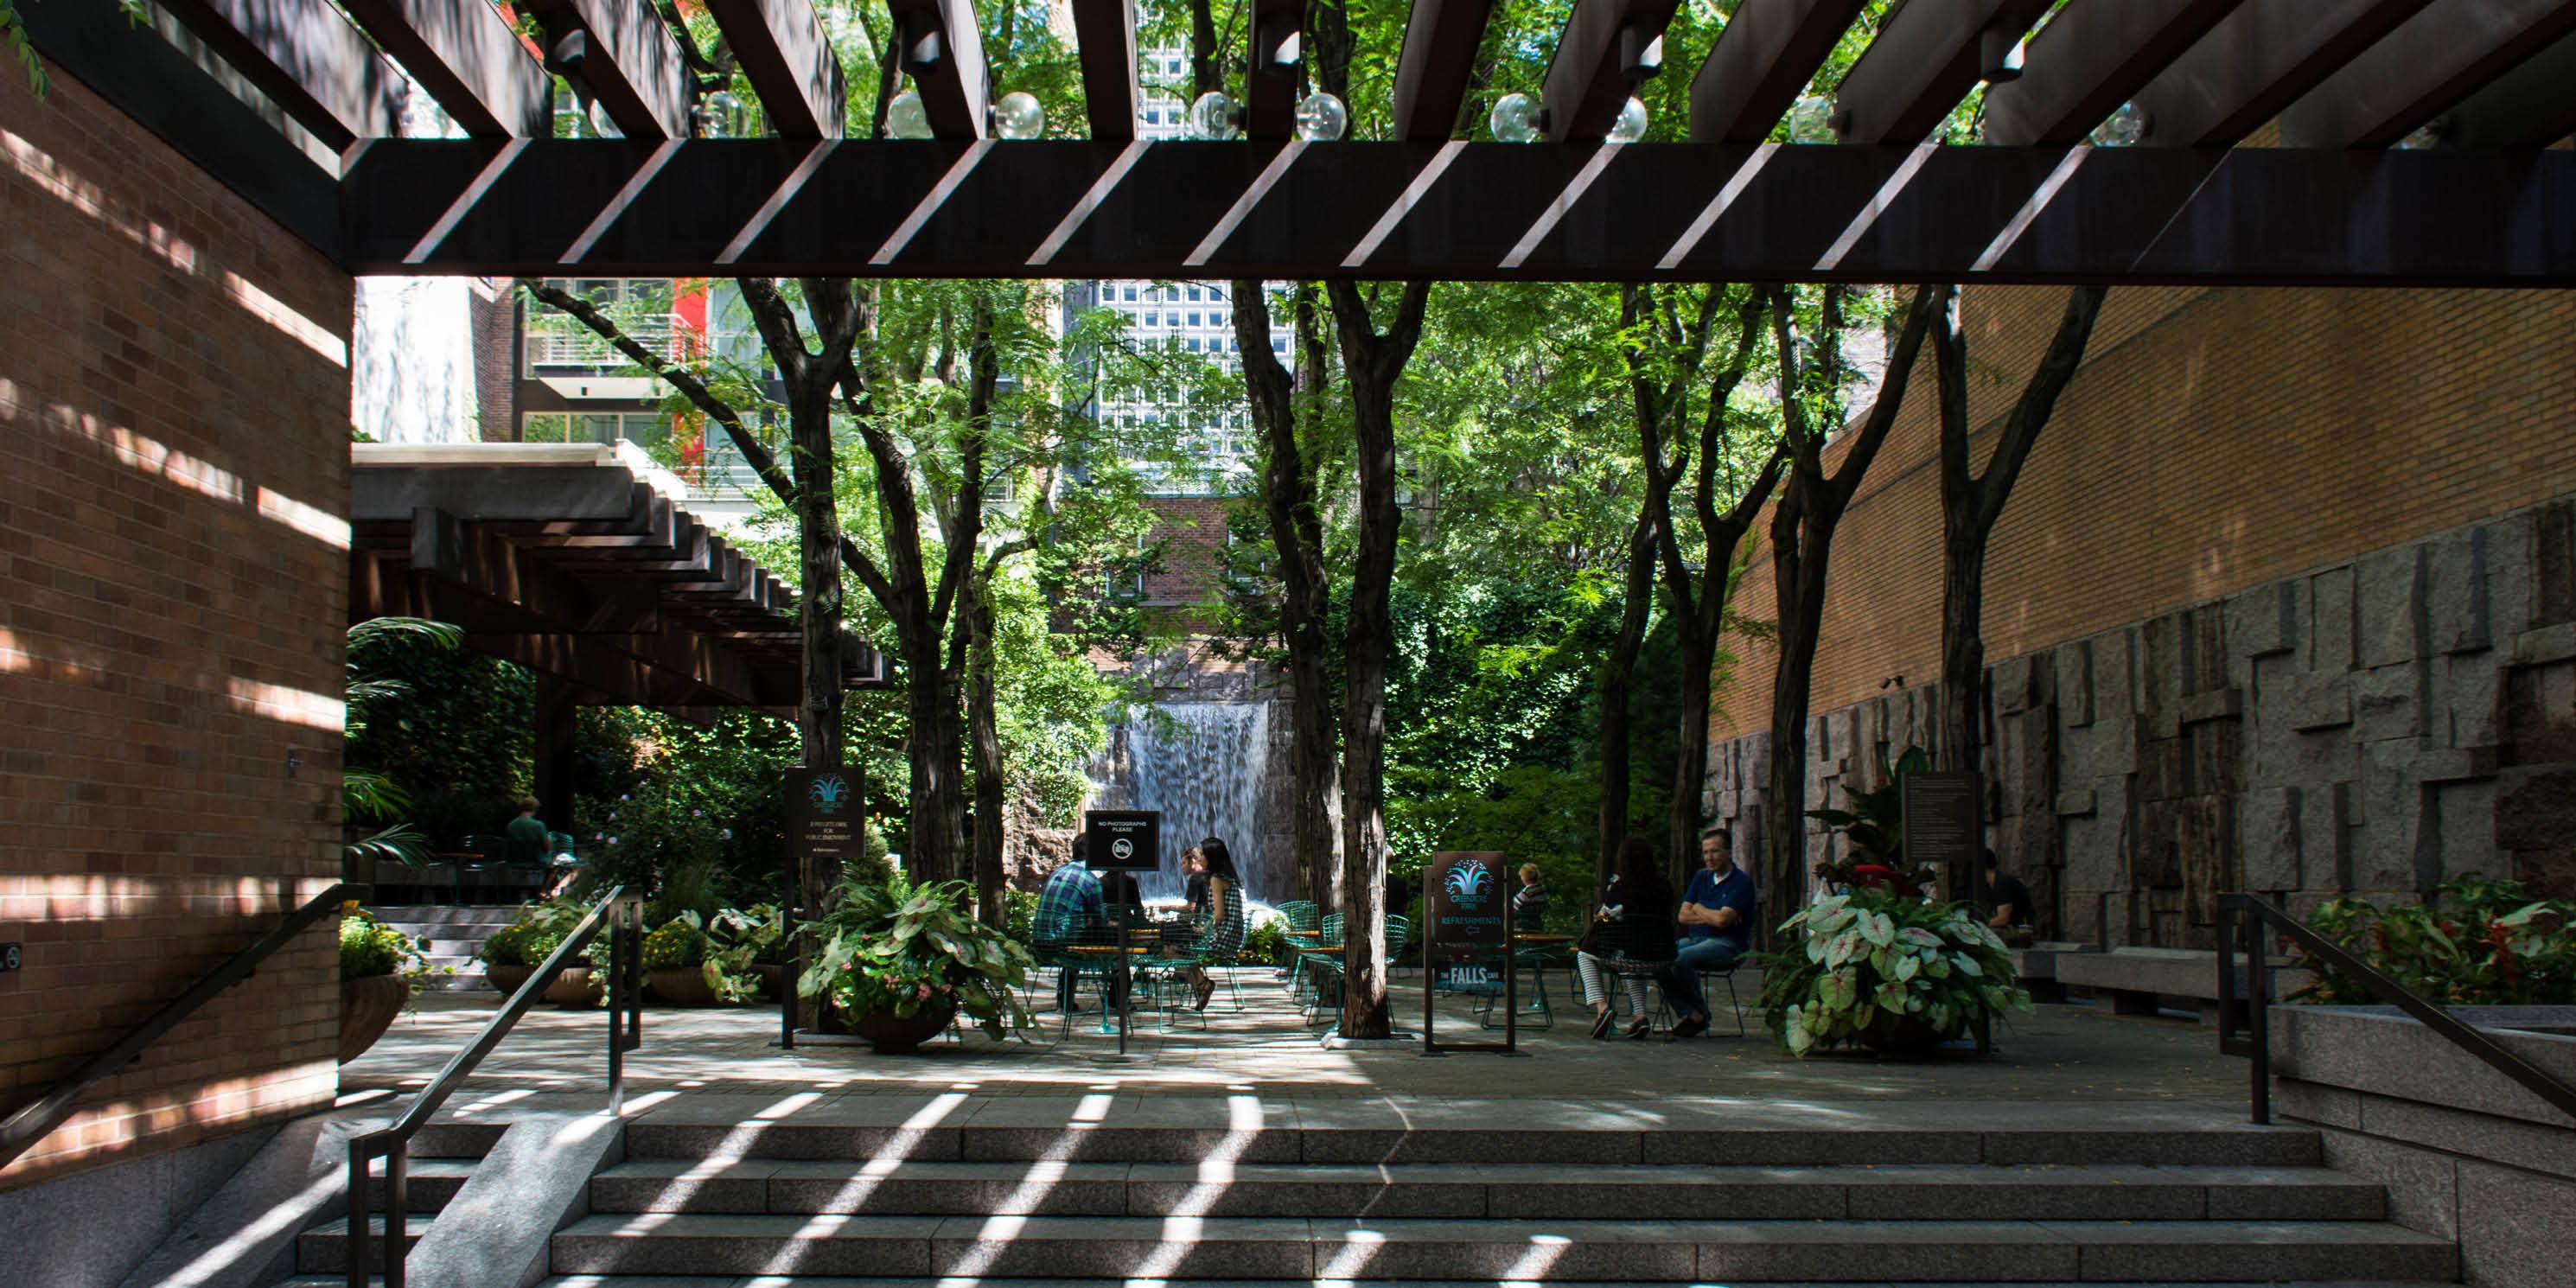 Greenacre Park in midtown Manhattan